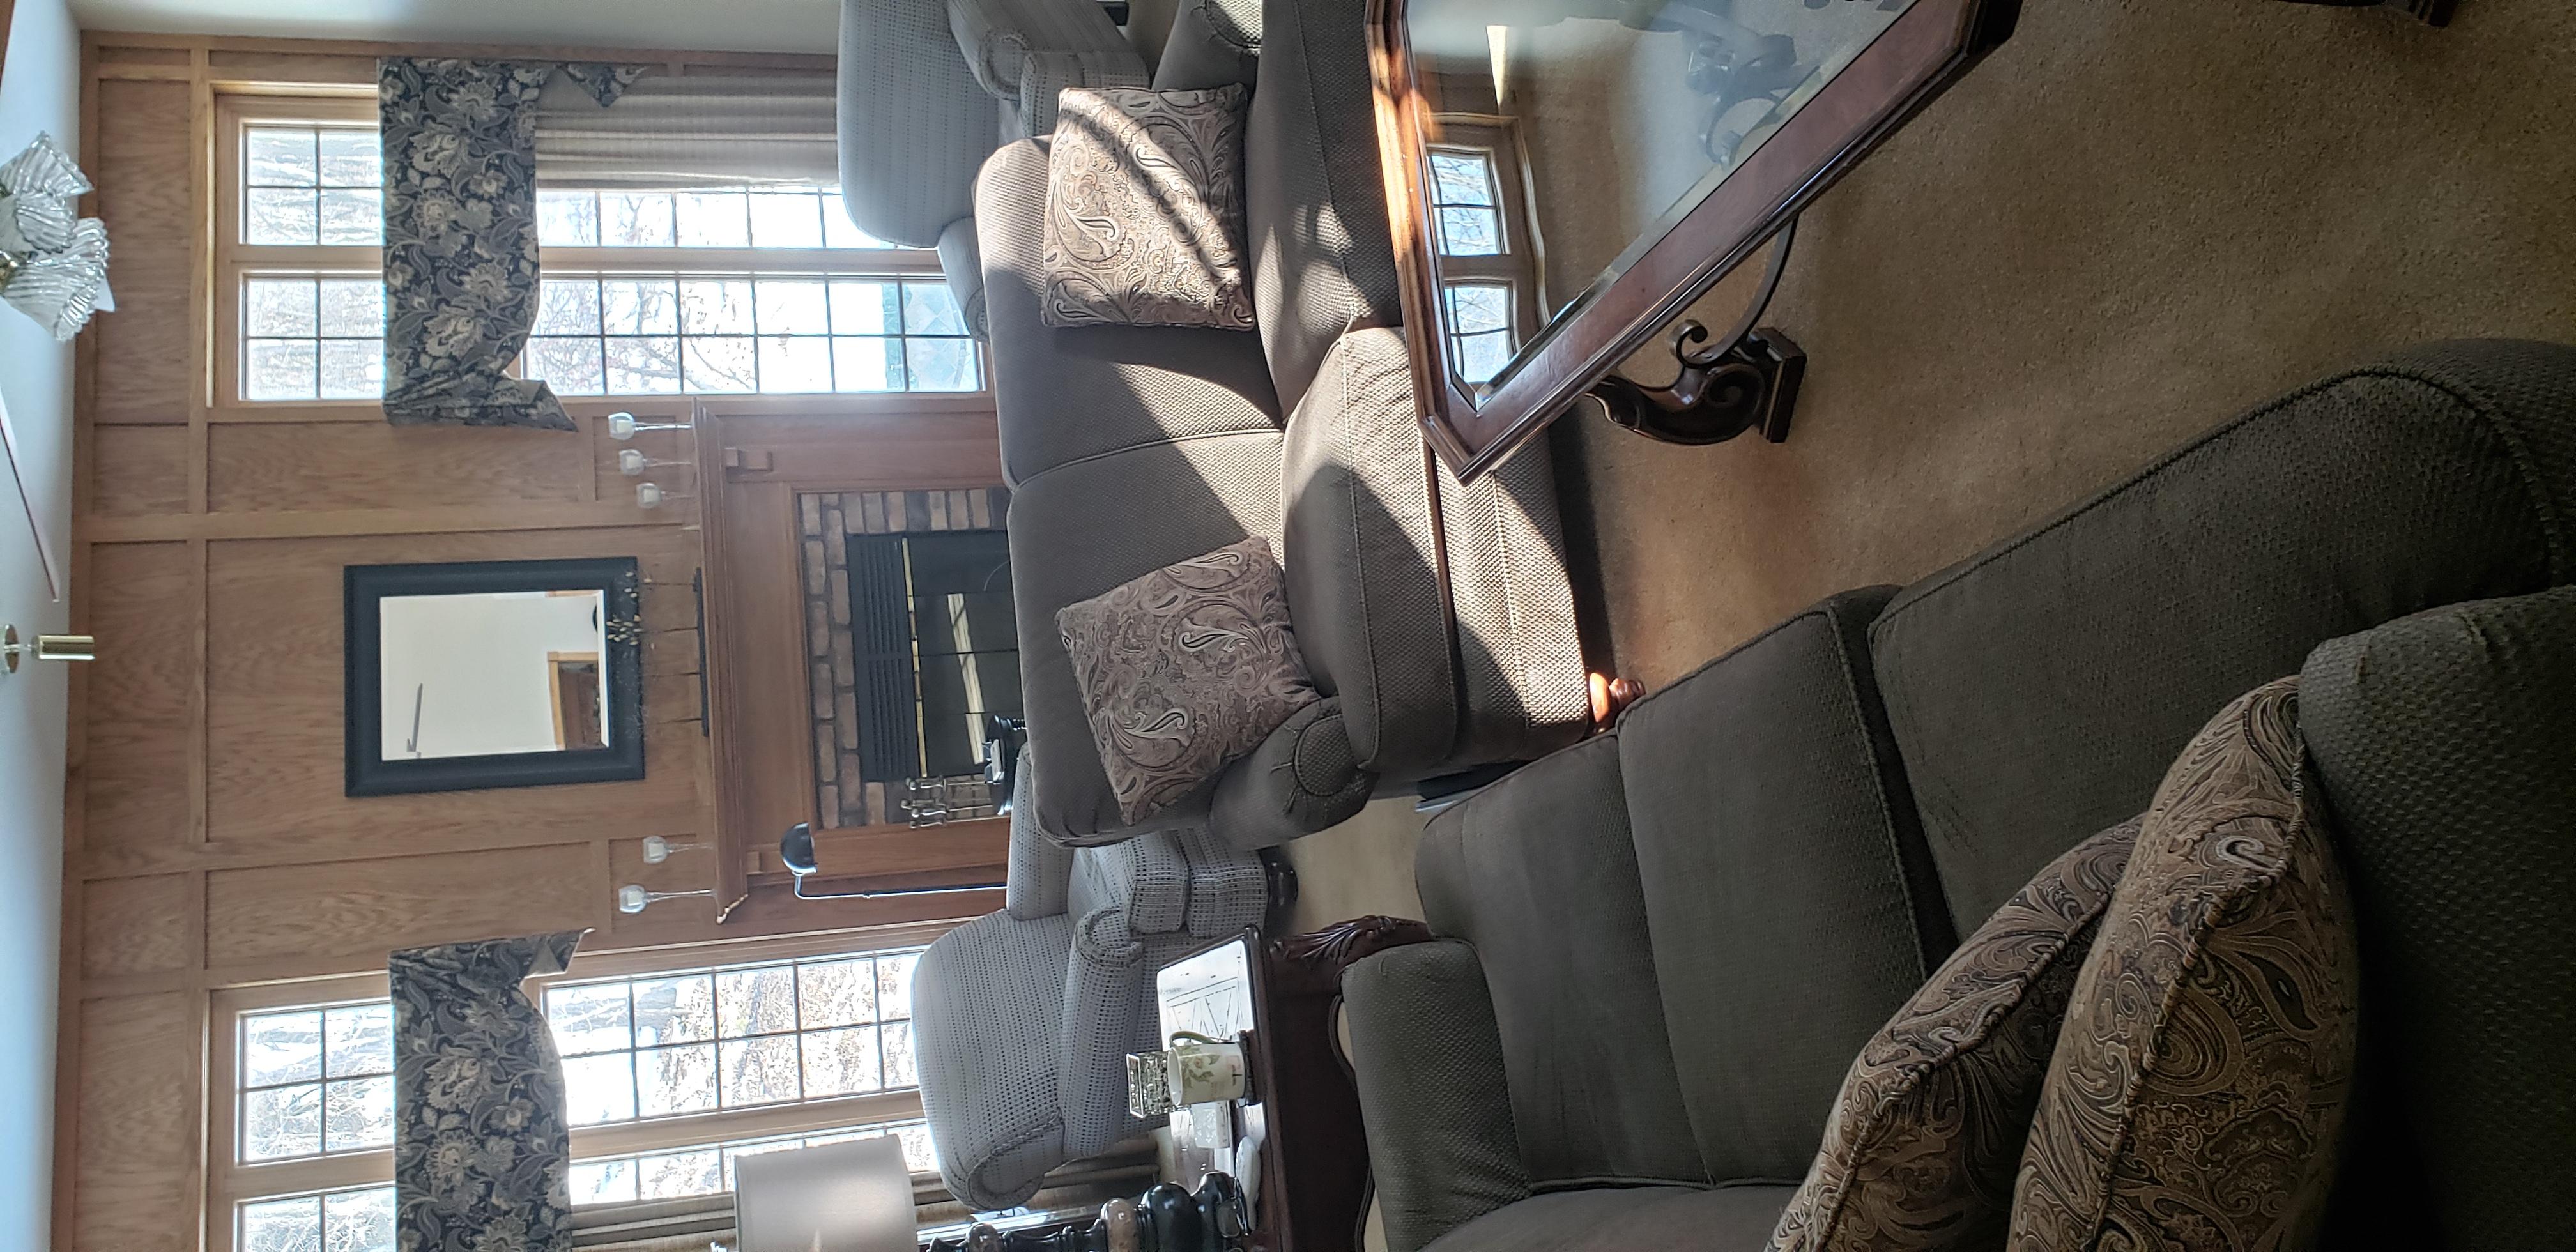 2058 HIllside Ave Mondamin livingroom1